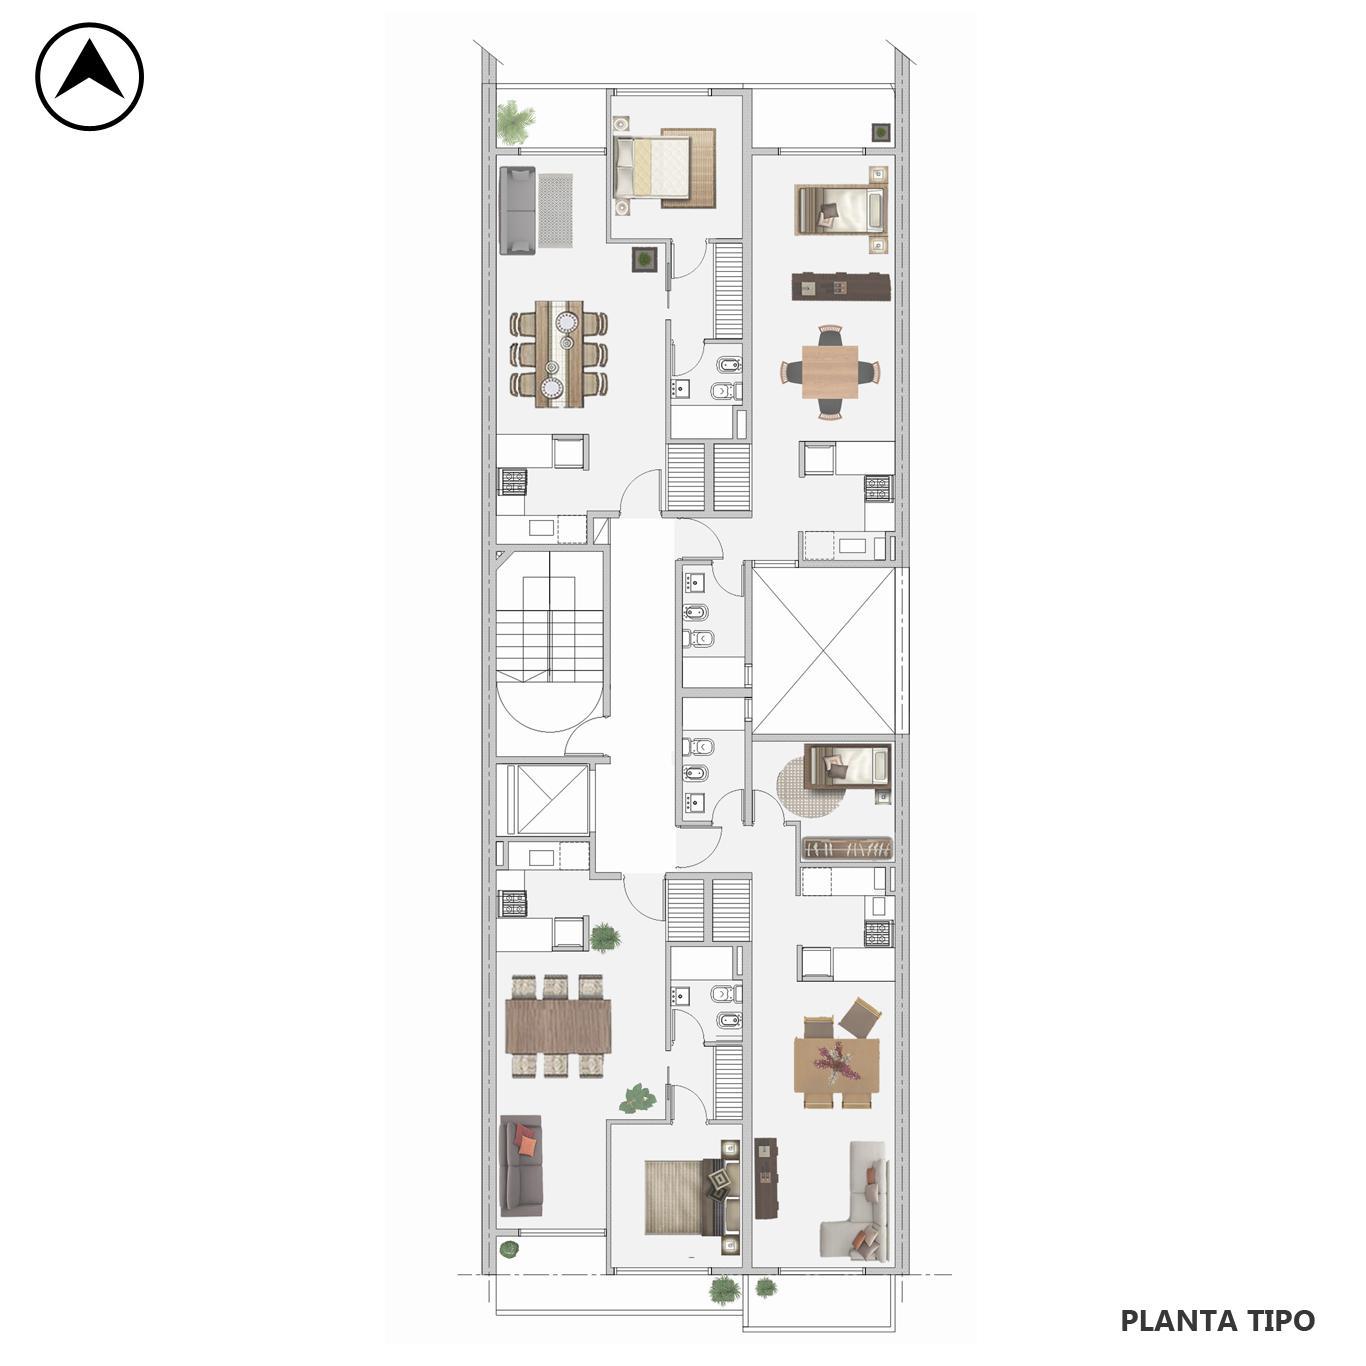 Venta departamento monoambiente Rosario, Centro. Cod CBU17595 AP2120431. Crestale Propiedades